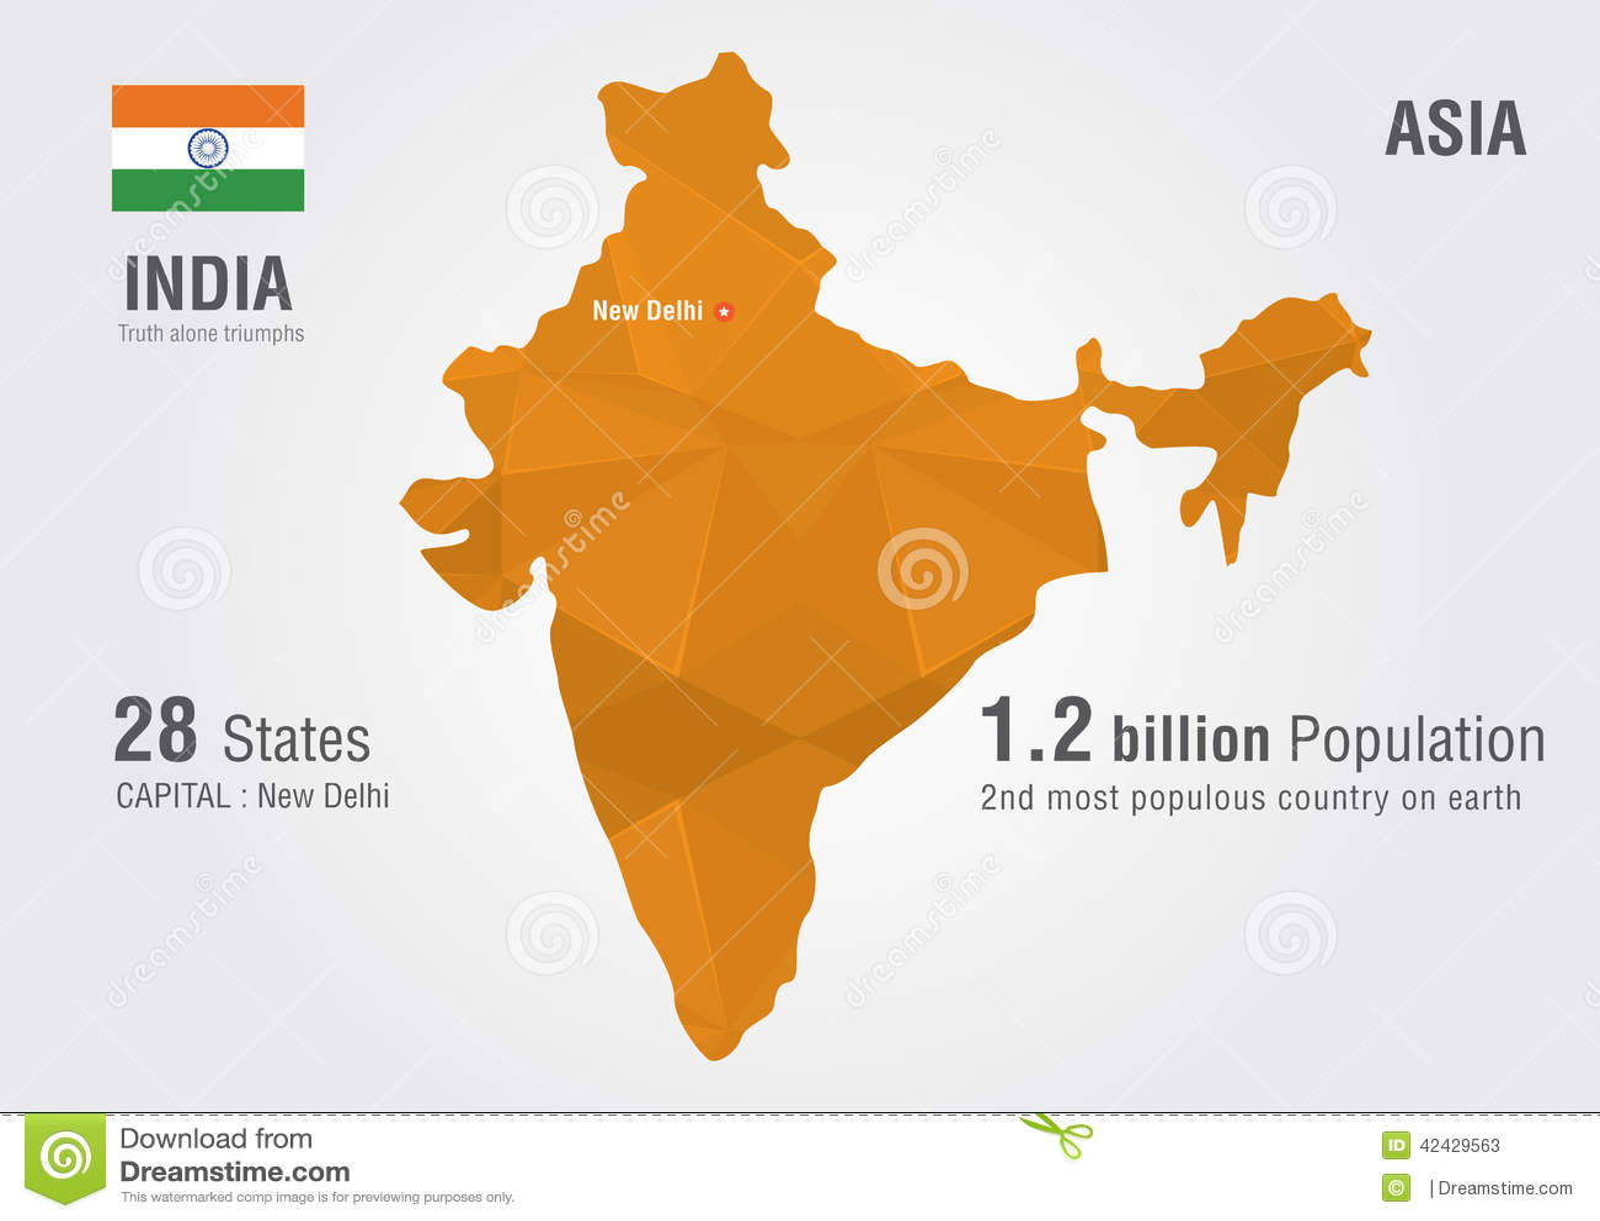 indien weltkarte Indien Weltkarte Mit Einer Pixeldiamantbeschaffenheit Vektor  indien weltkarte